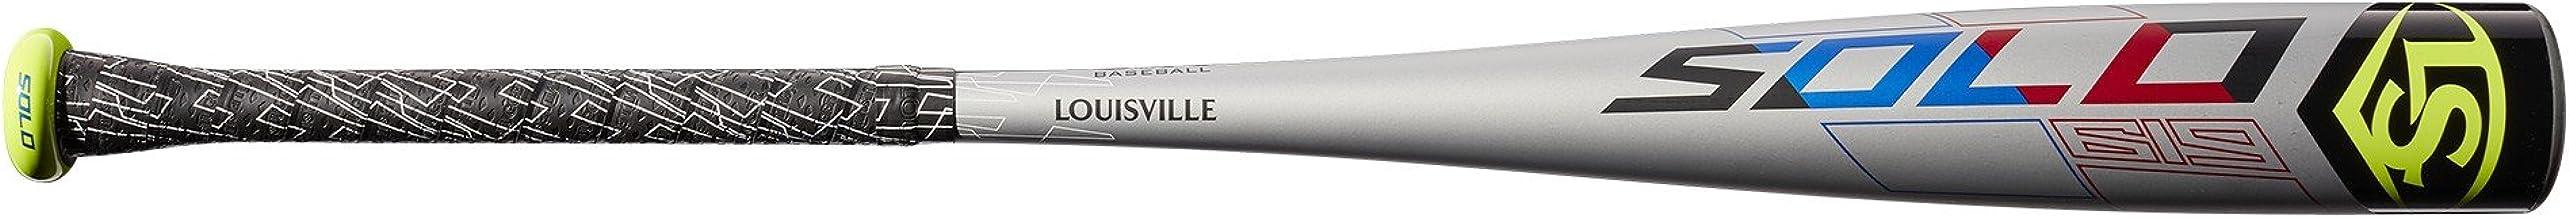 """Louisville Slugger 2019 Solo 619 (-11) 2 5/8"""" USA Baseball Bat"""